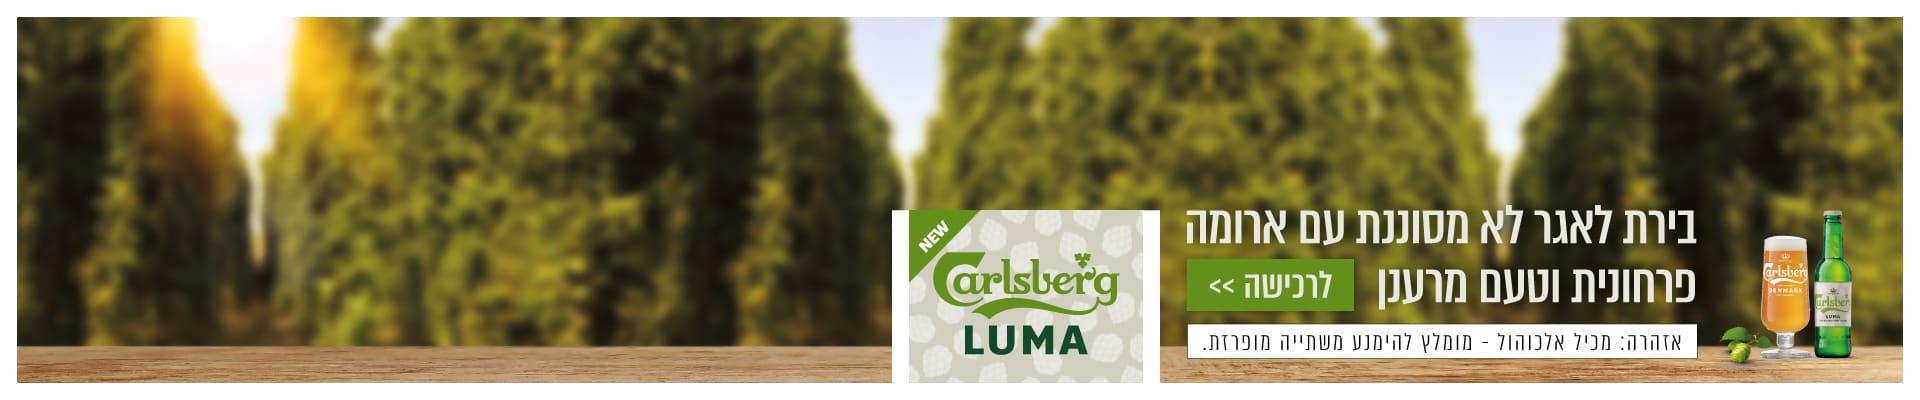 CARLSBERG LUMA בירת לאגר לא מסוננת עם ארומה פרחונית וטעם מרענן. אזהרה: מכיל אלכוהול- מומלץ להימנע משתייה מופרזת